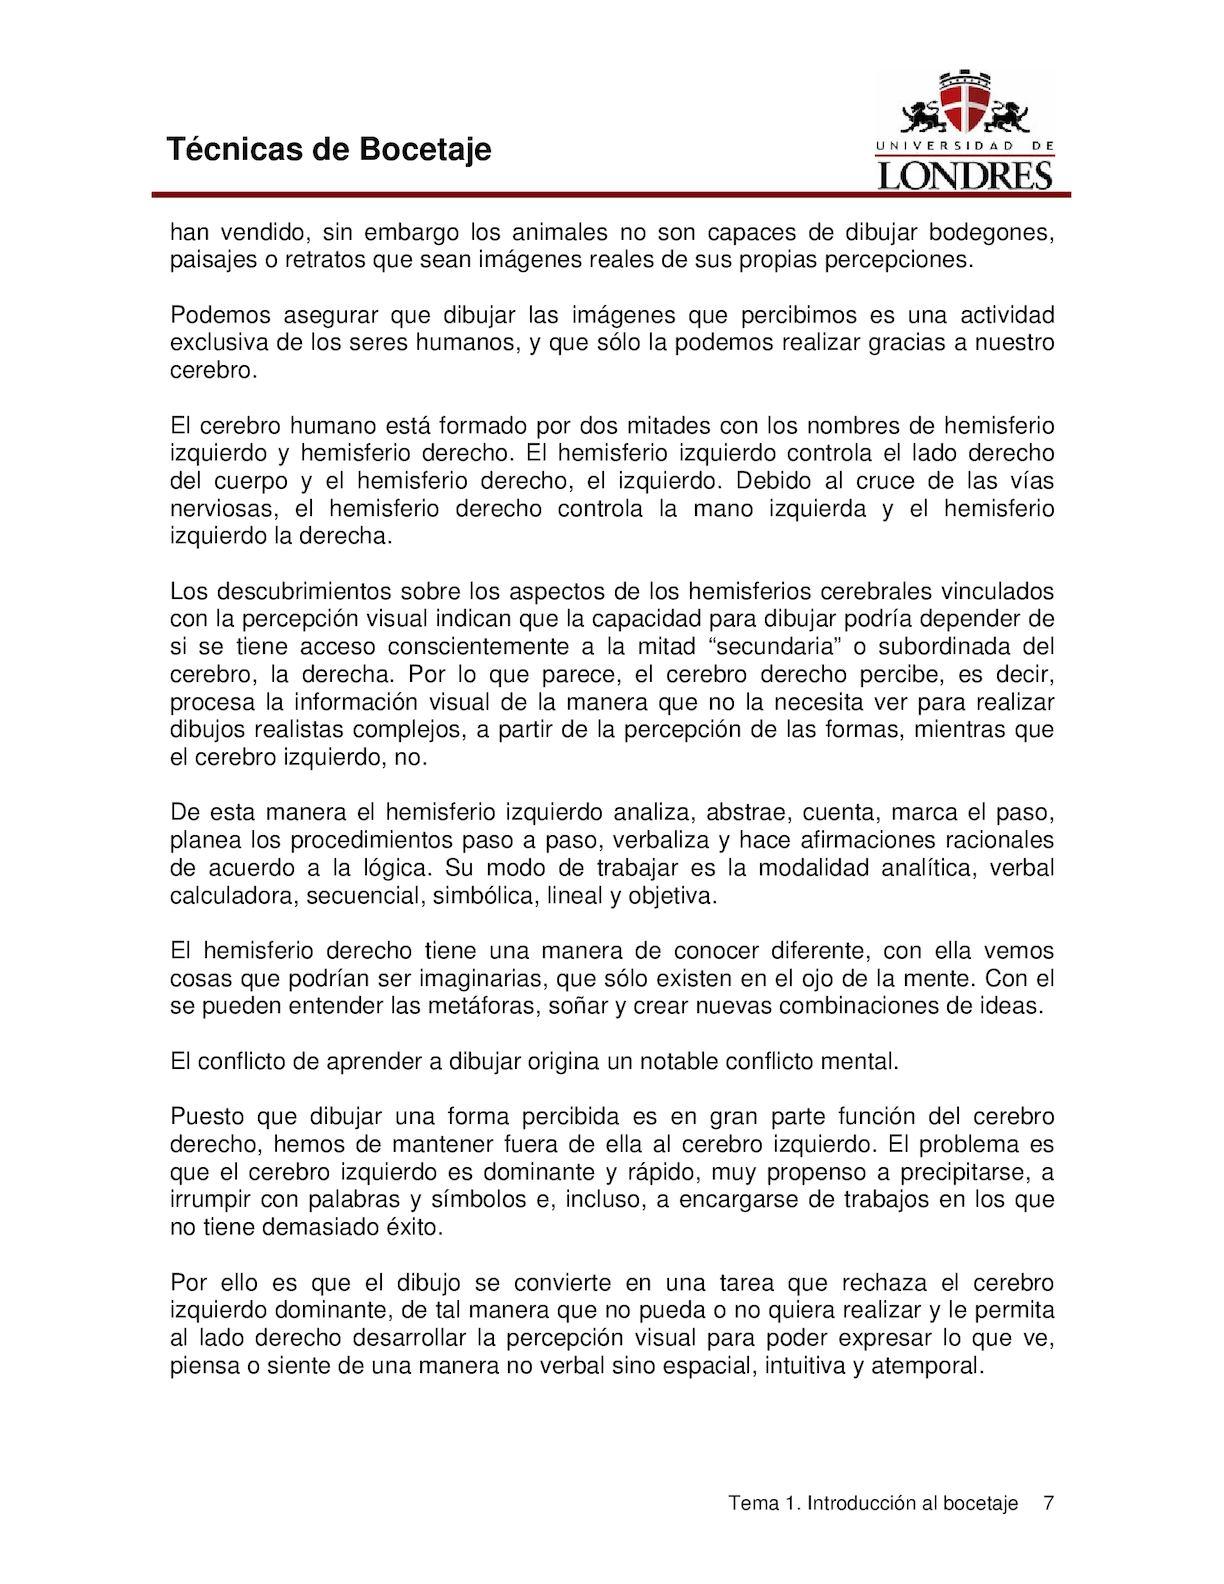 Tecnicas Bocetaje - CALAMEO Downloader